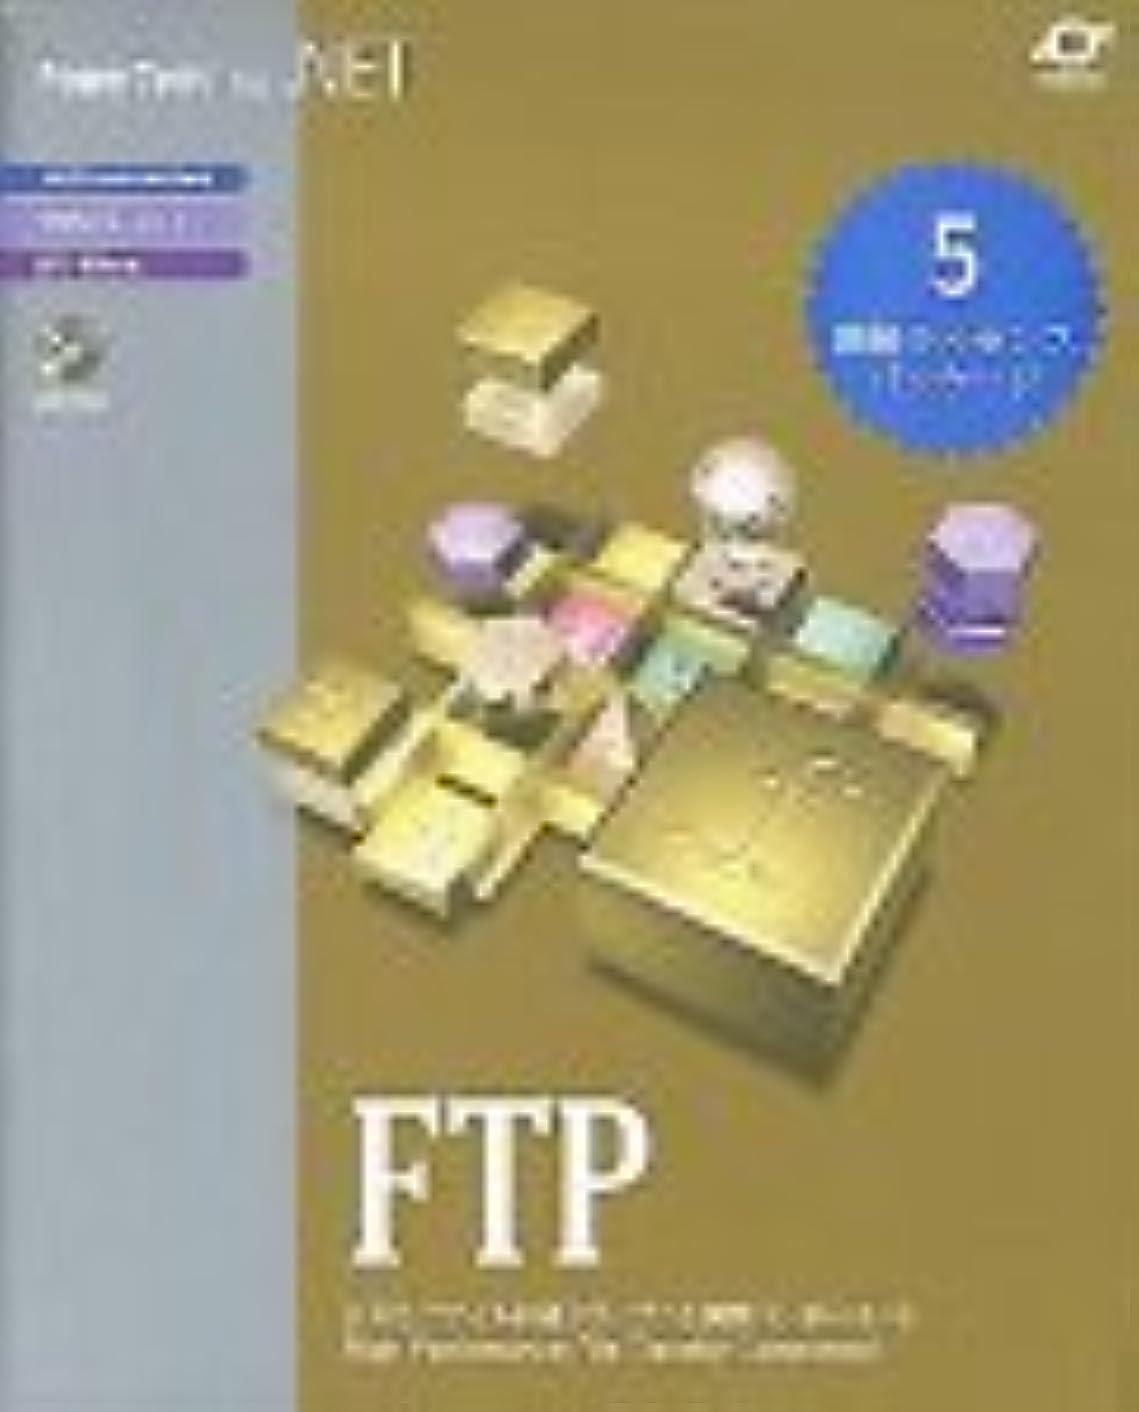 自慢フォアマン幽霊FTP for .NET 5開発ライセンス